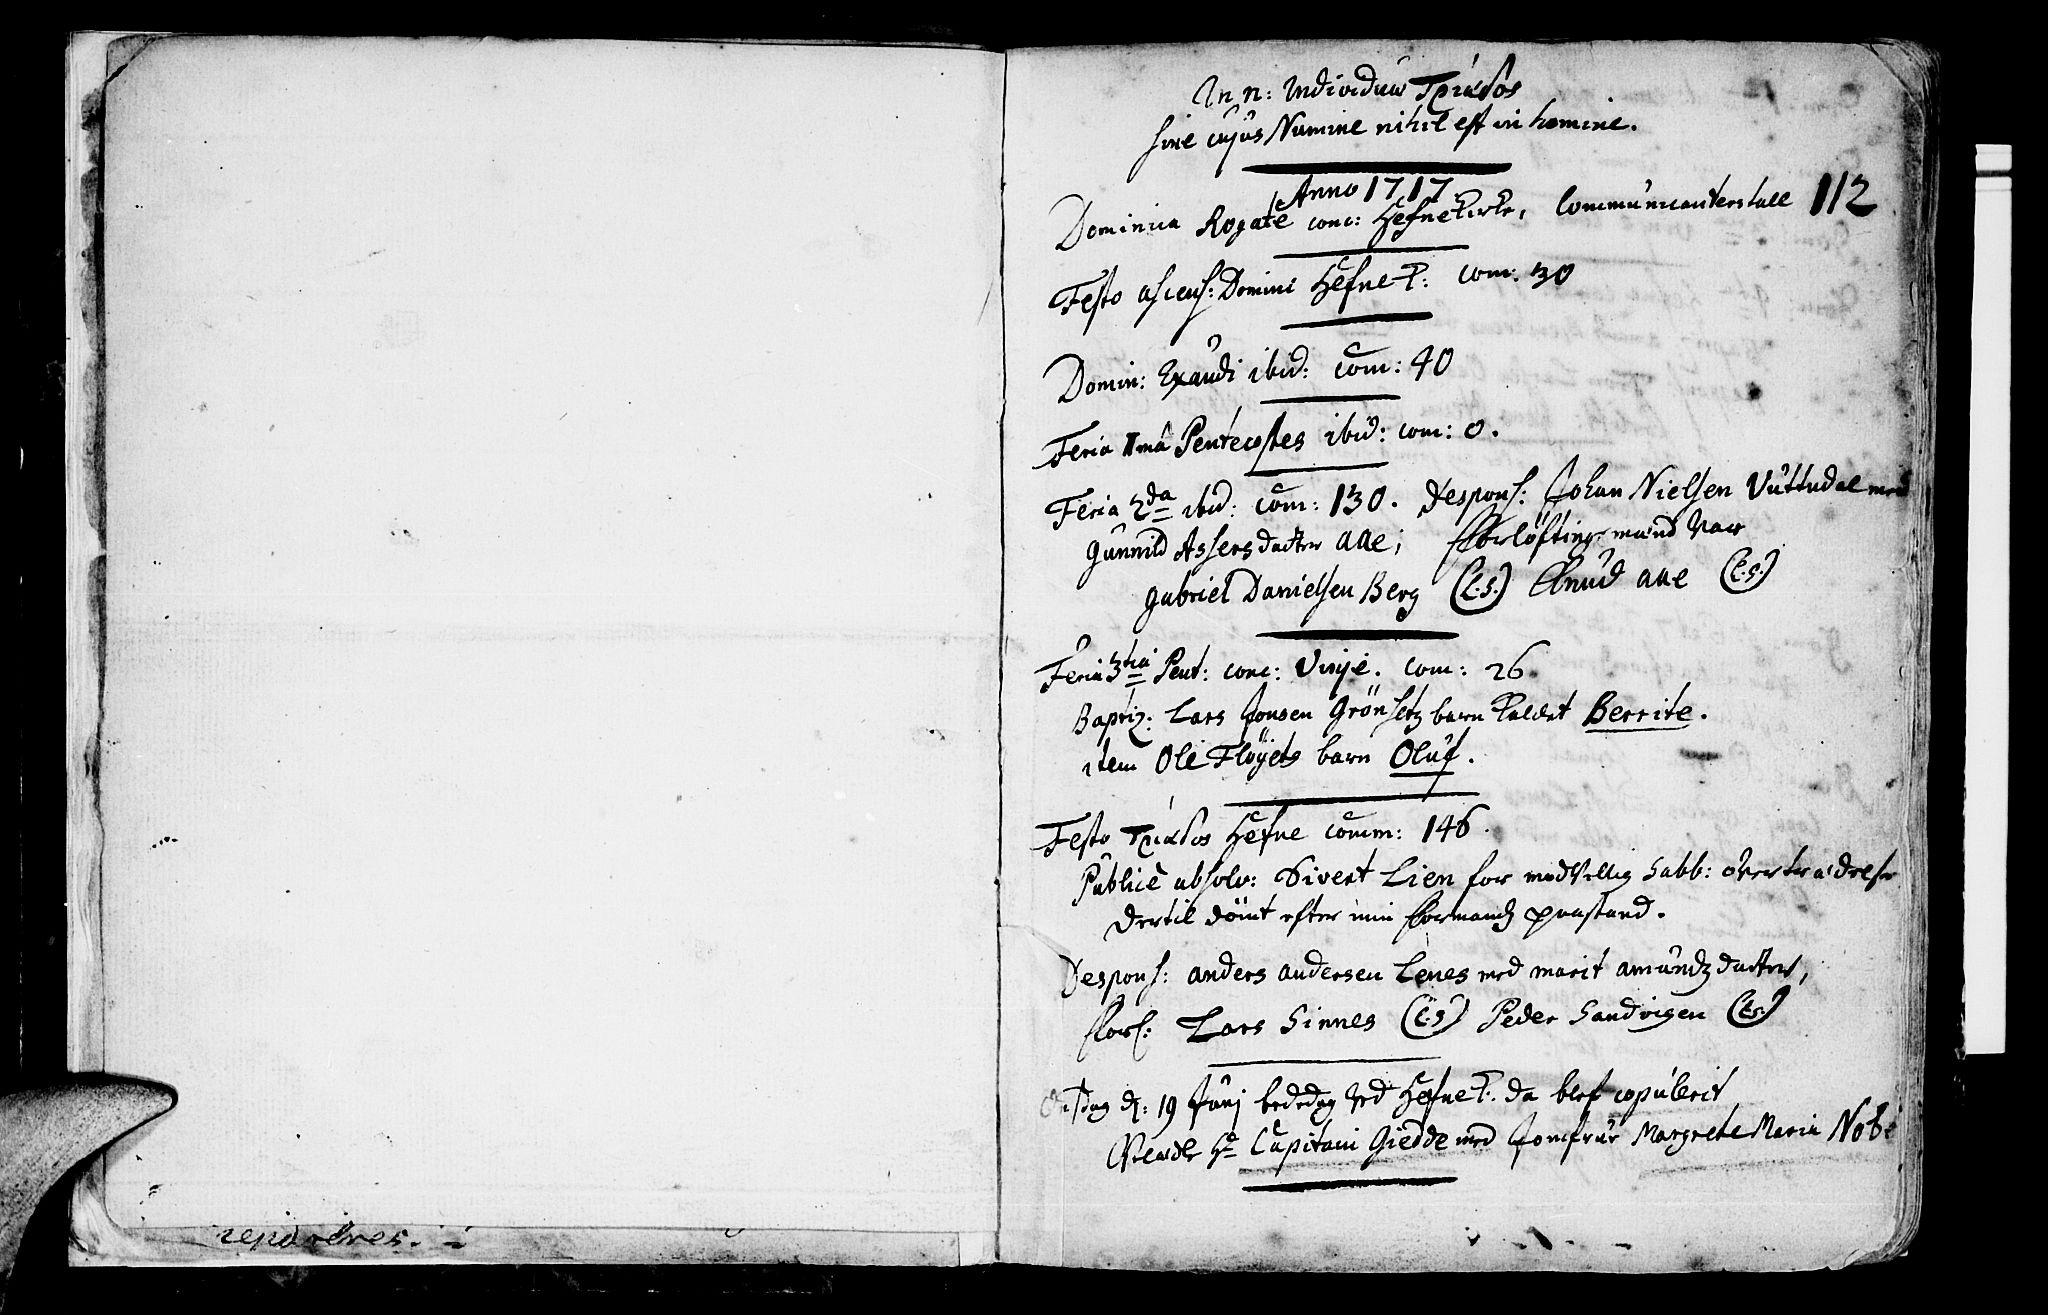 SAT, Ministerialprotokoller, klokkerbøker og fødselsregistre - Sør-Trøndelag, 630/L0488: Ministerialbok nr. 630A01, 1717-1756, s. 0-1